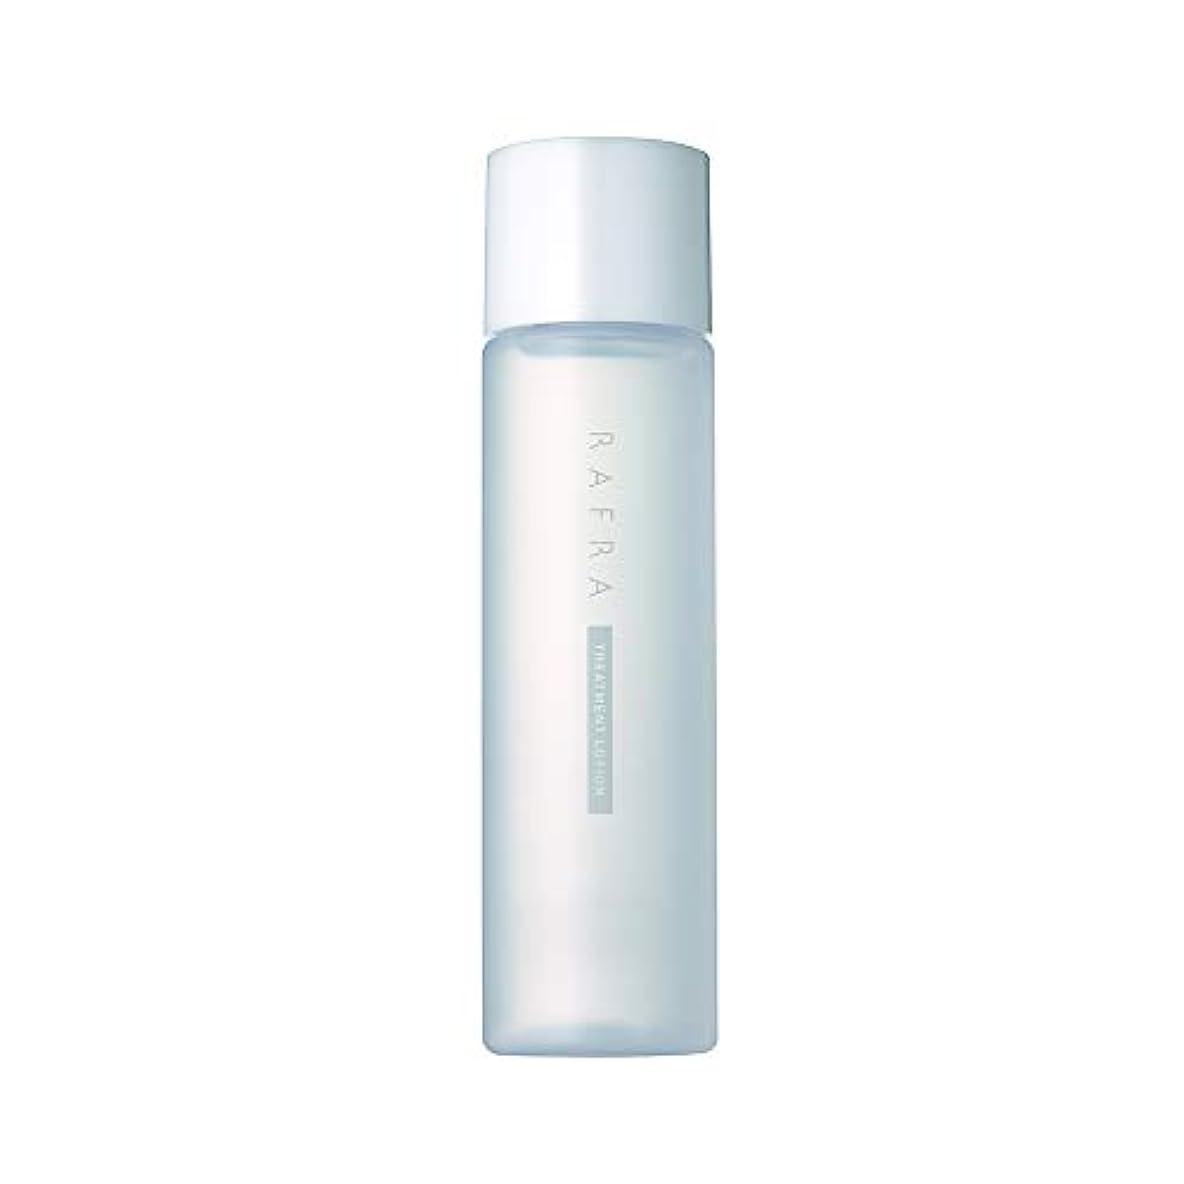 王朝分離かけがえのないラフラ トリートメントローション 150ml 化粧水 ブースター 導入液